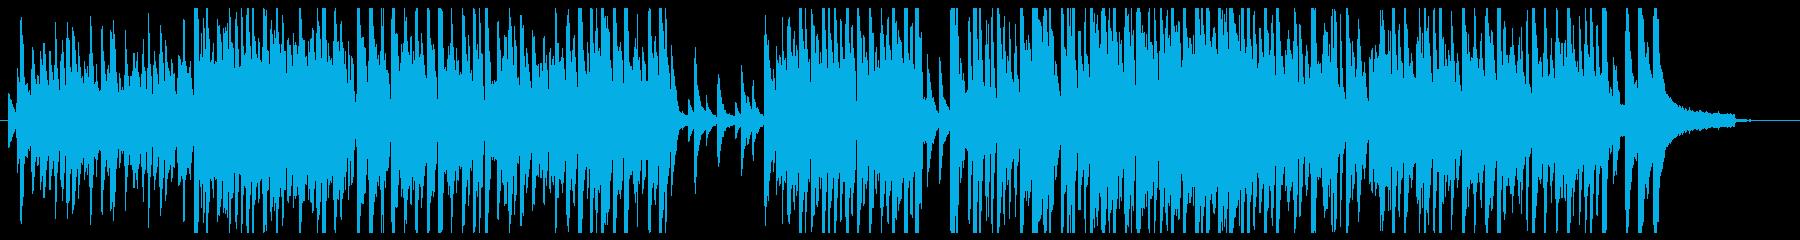 アコースティックピアノメインほんわかの再生済みの波形